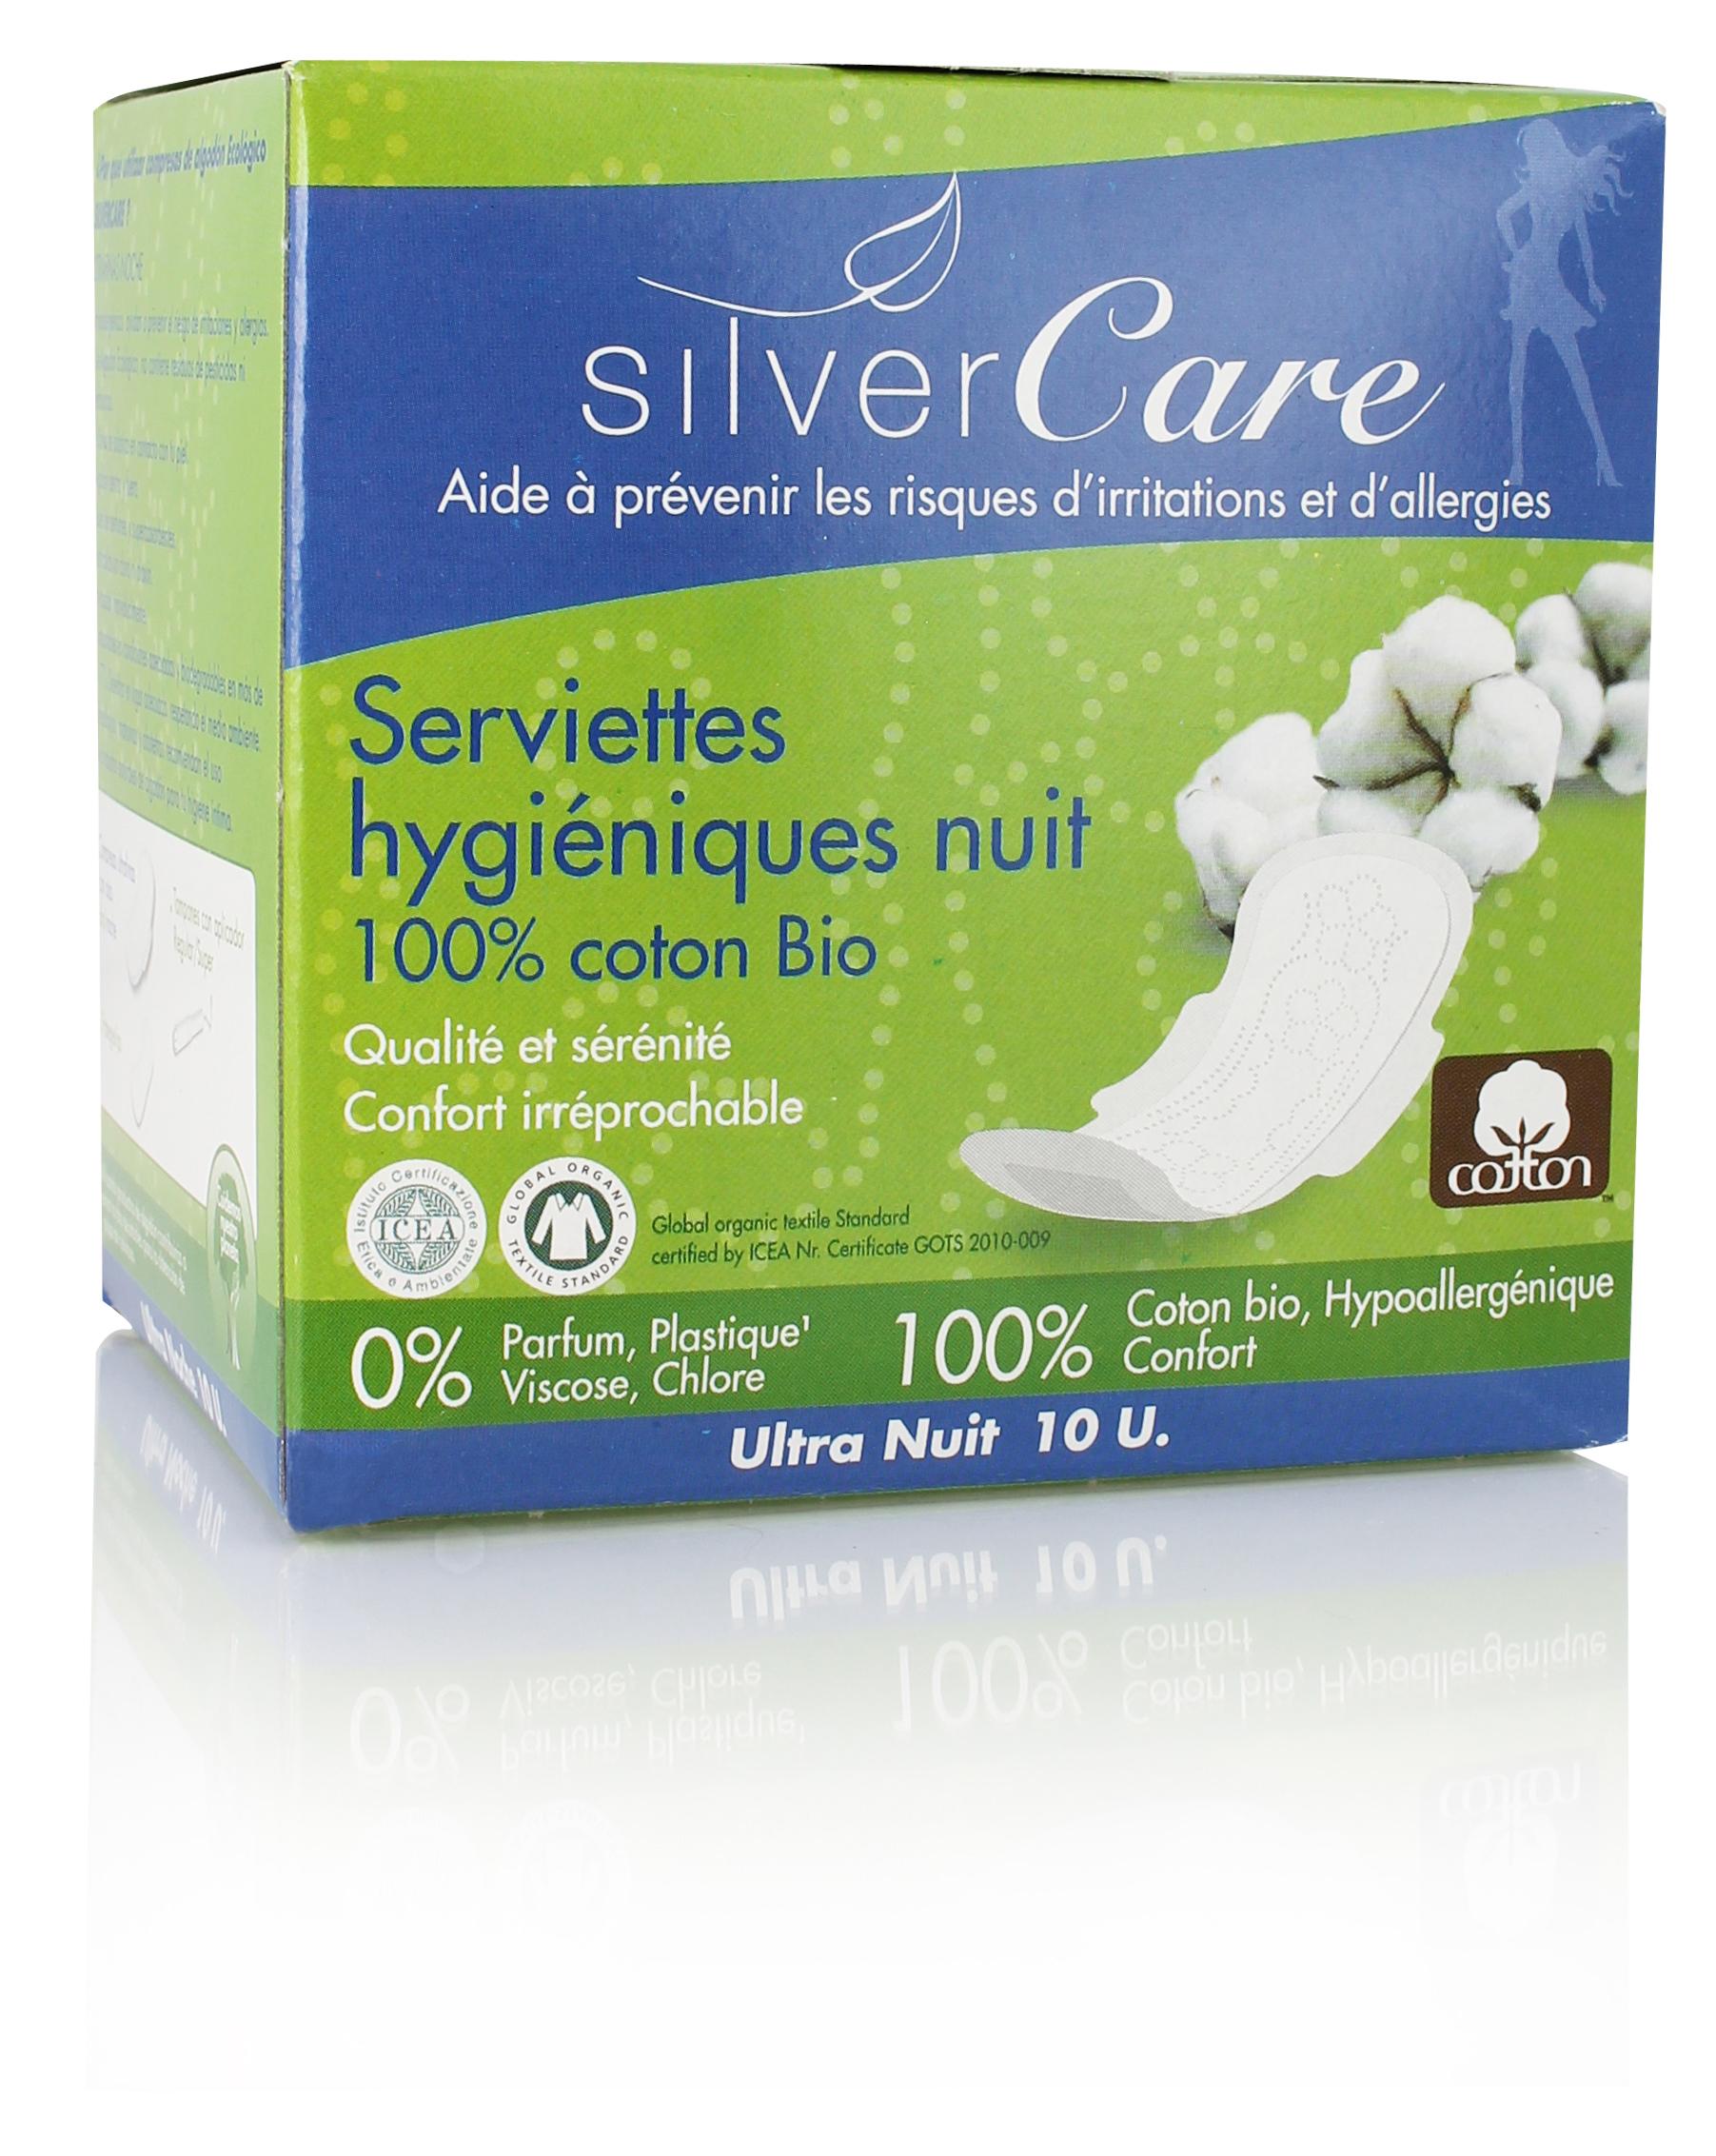 Doux Good - Silvercare - serviette hygiénique bio-nuit